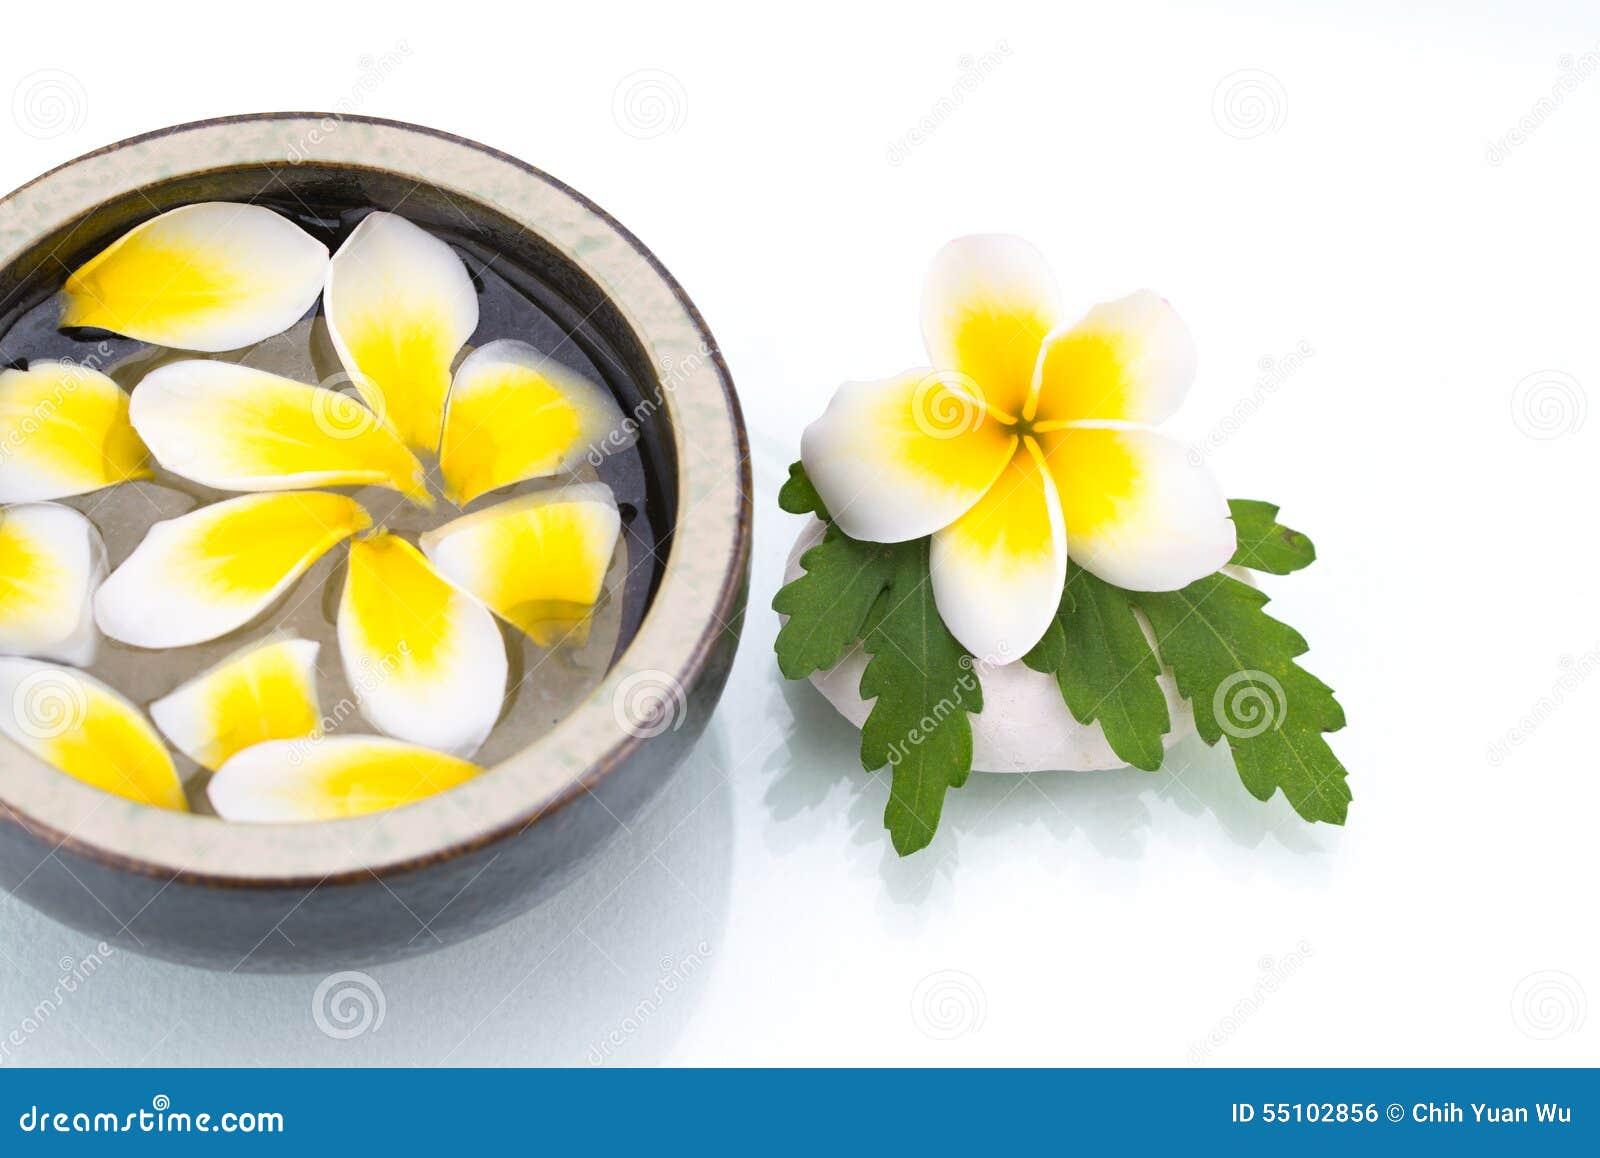 Whitblumen-Blumenblatttropfen auf Wasser der Porzellanschüssel, grünes Blatt auf sto